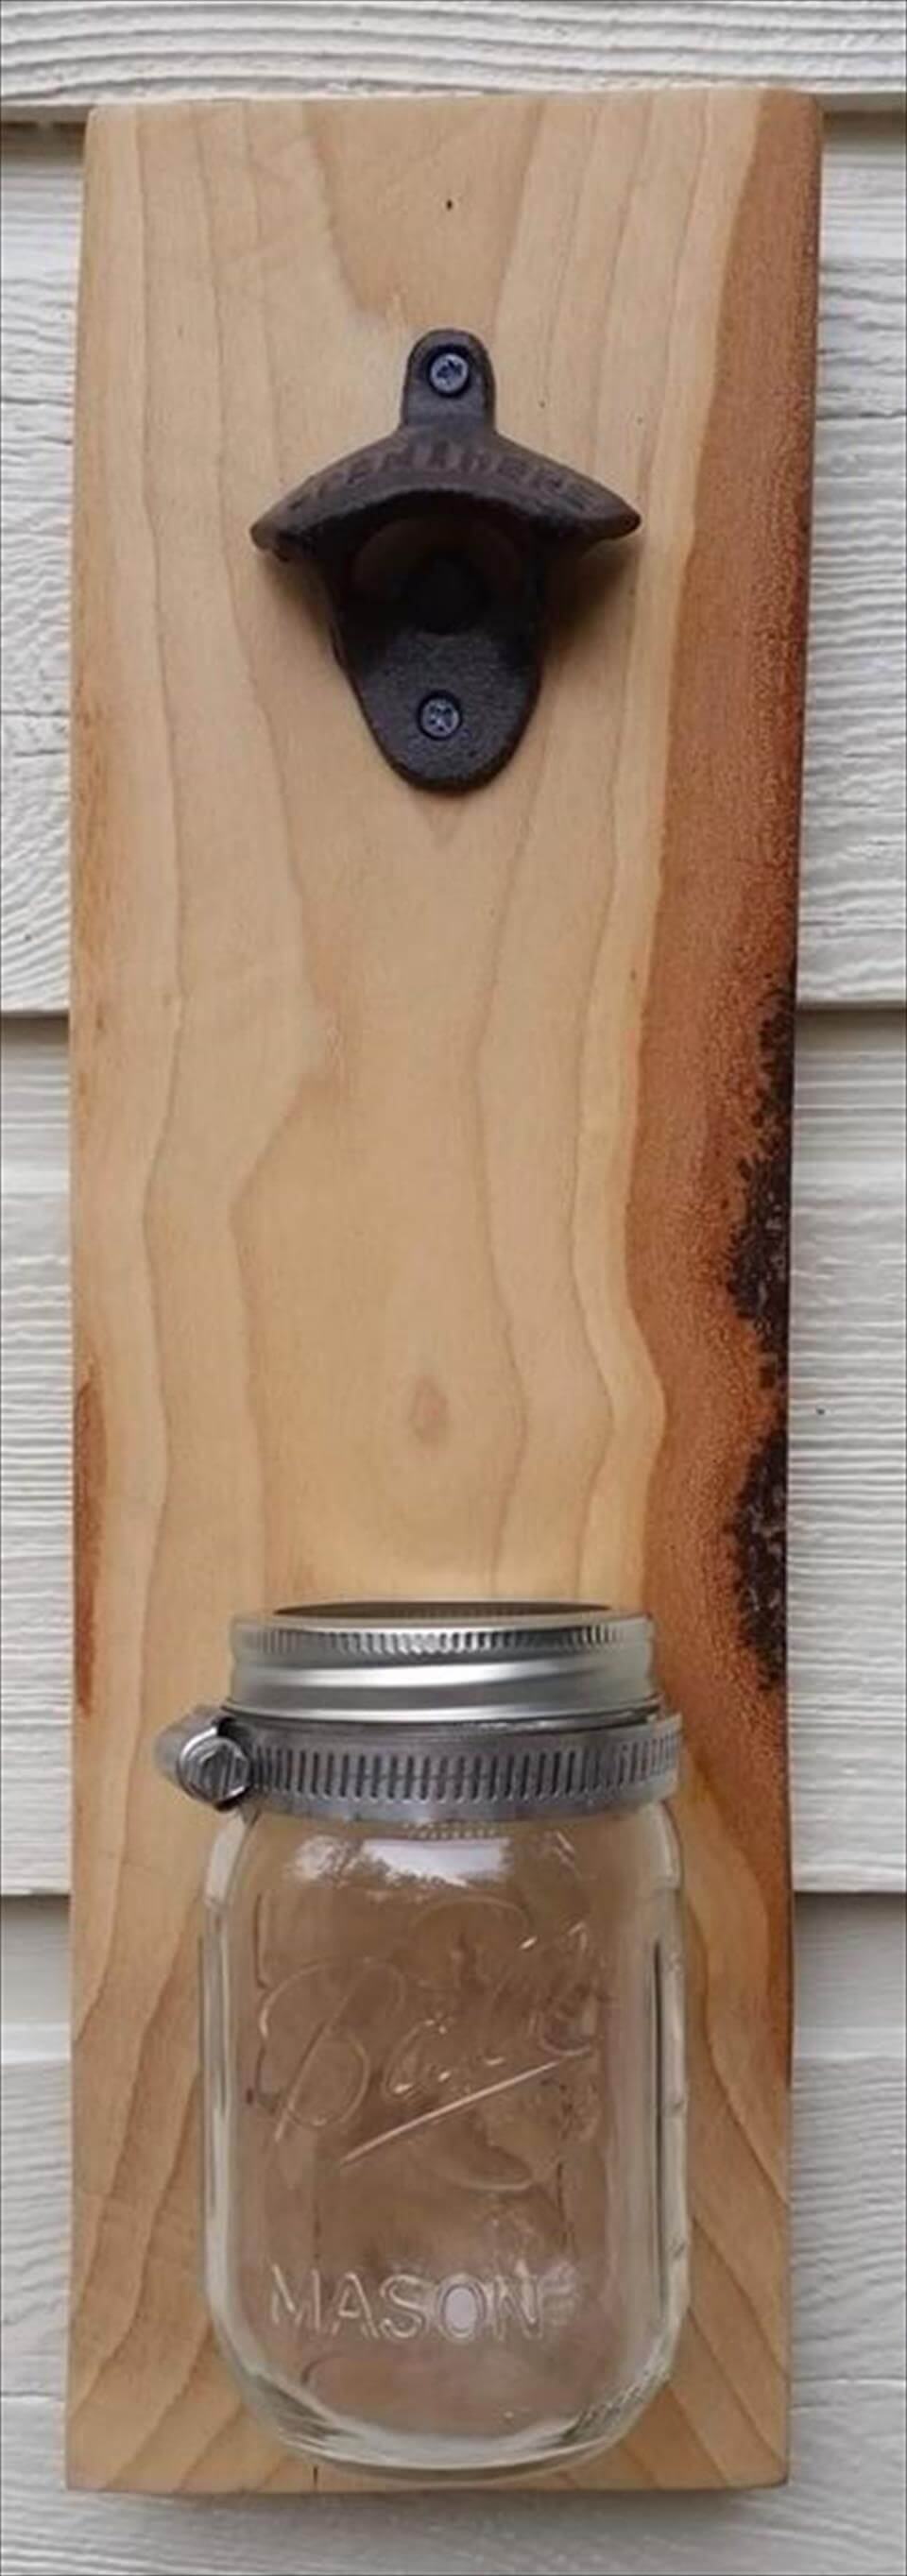 Wooden pallet bottle opener with cap catcher